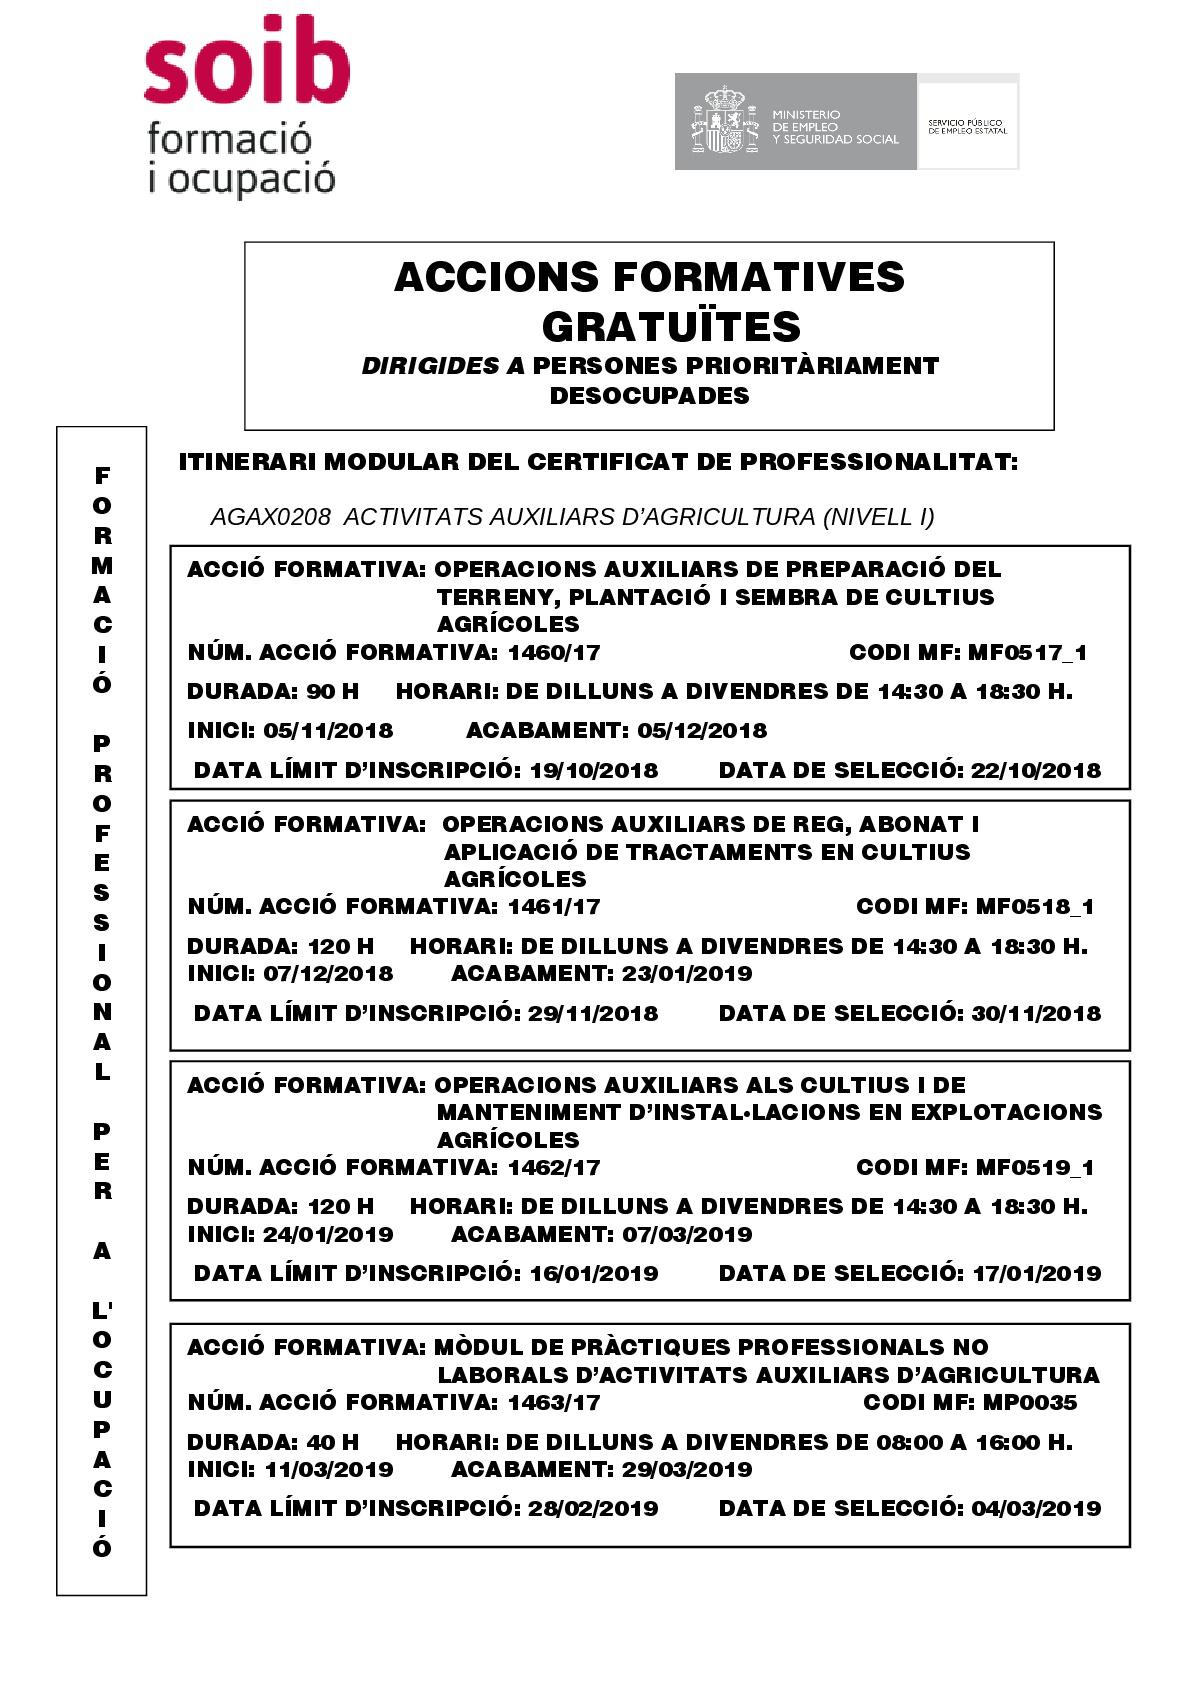 ACTIVITATS AUXILIARS D'AGRICULTURA  (NIVEL I) -agax0208